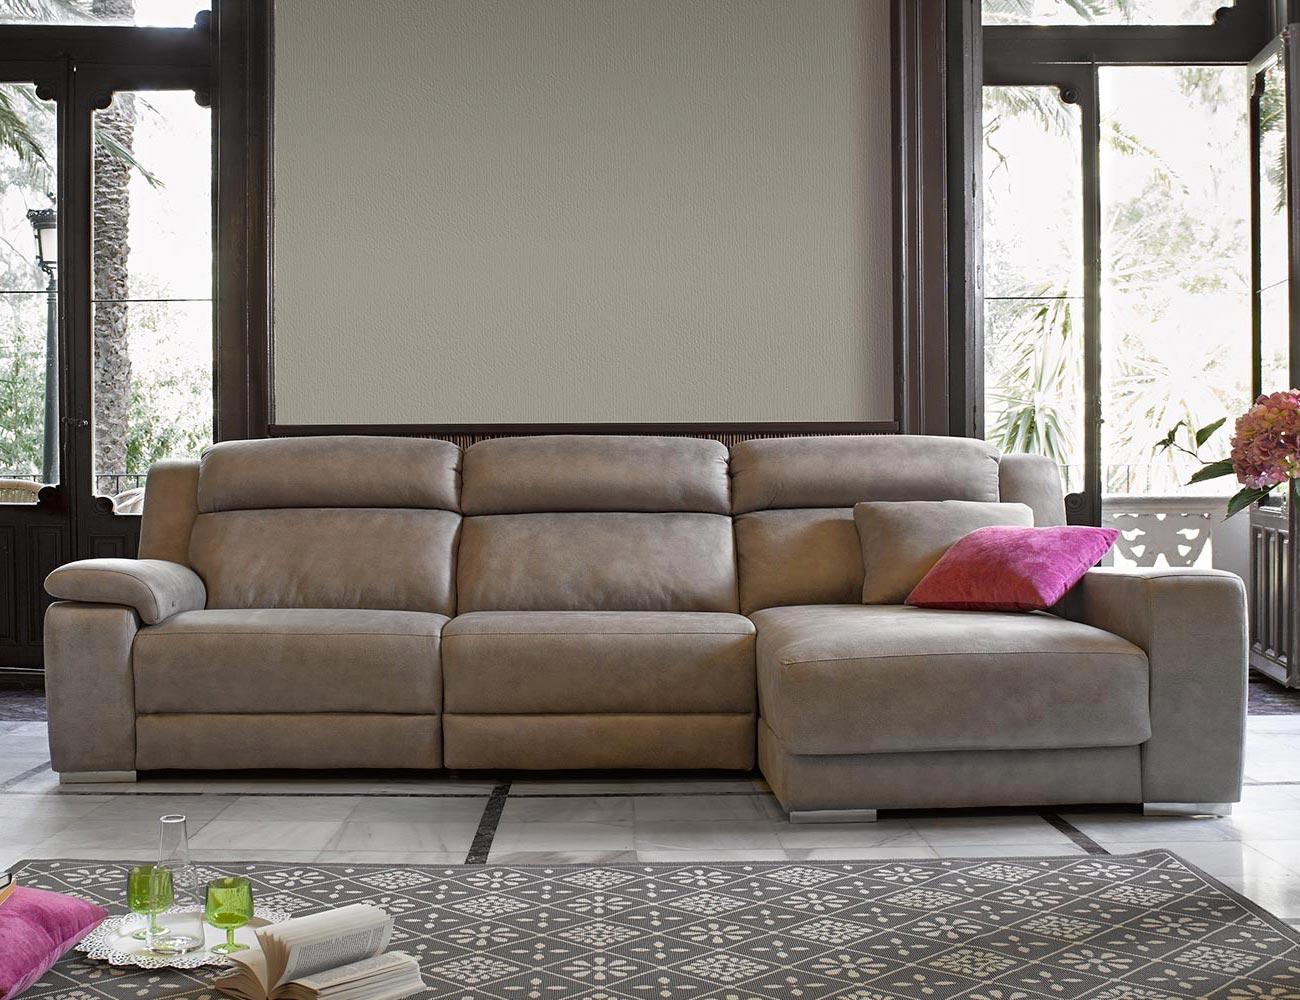 Sofá Blus de Acomodel con relax eléctrico (13165) | Factory del ...